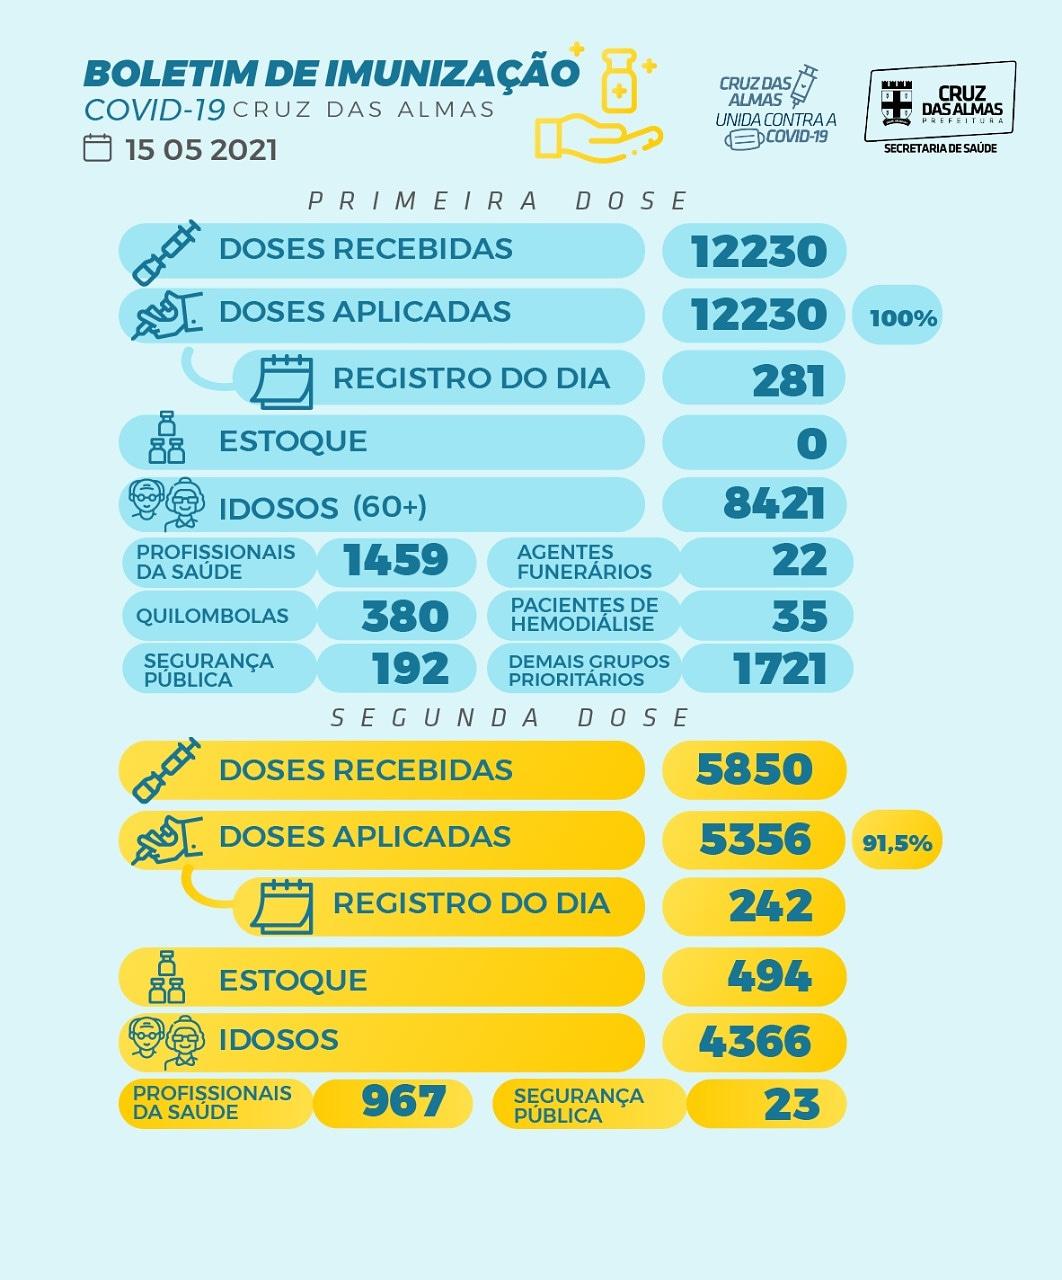 BOLETIM DE IMUNIZAÇÃO 15/05/2021